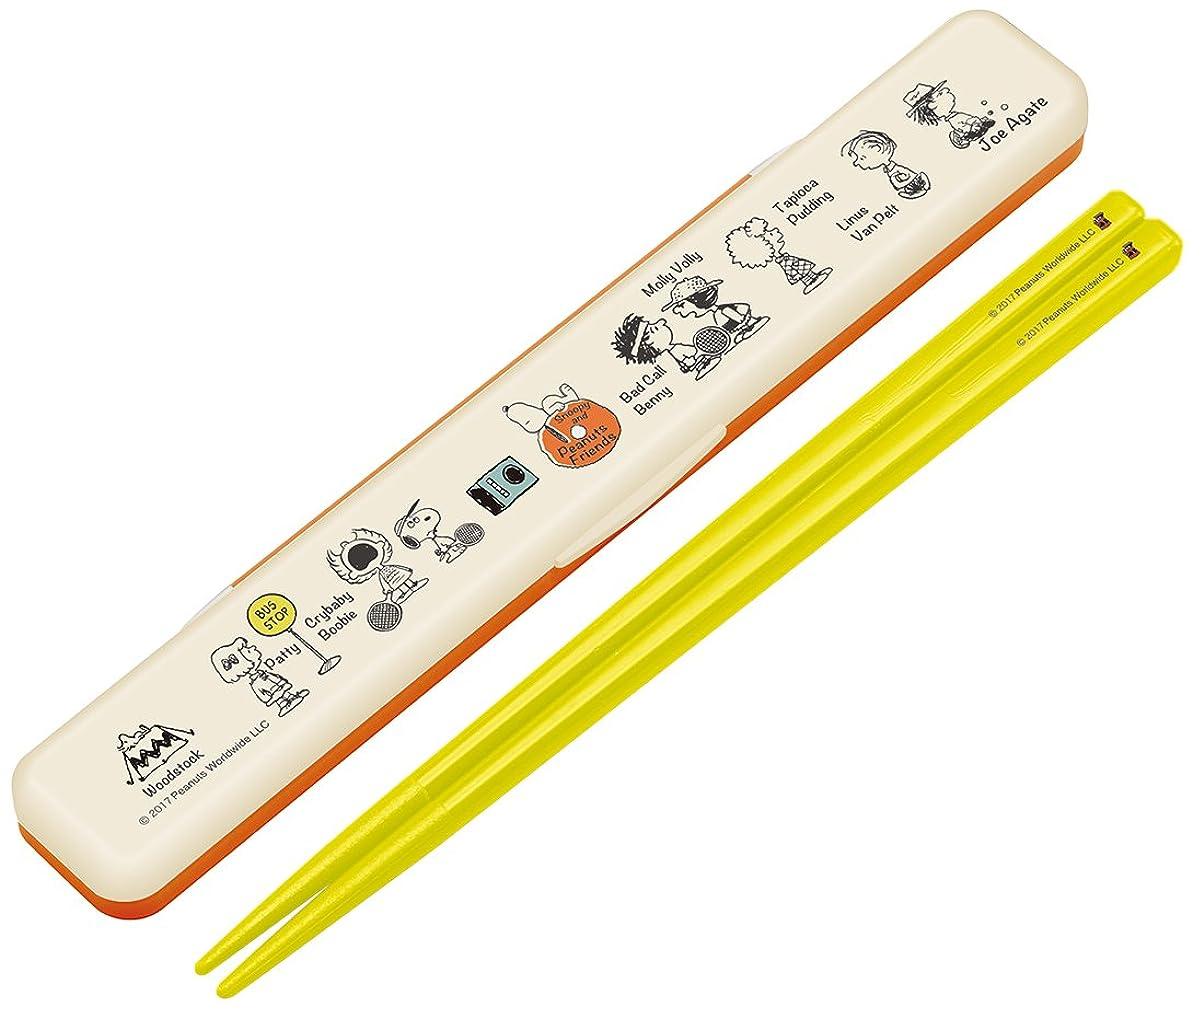 謎めいたマート二度スケーター 箸 箸箱セット 18cm スヌーピー ともだち PEANUTS 日本製 ABC3